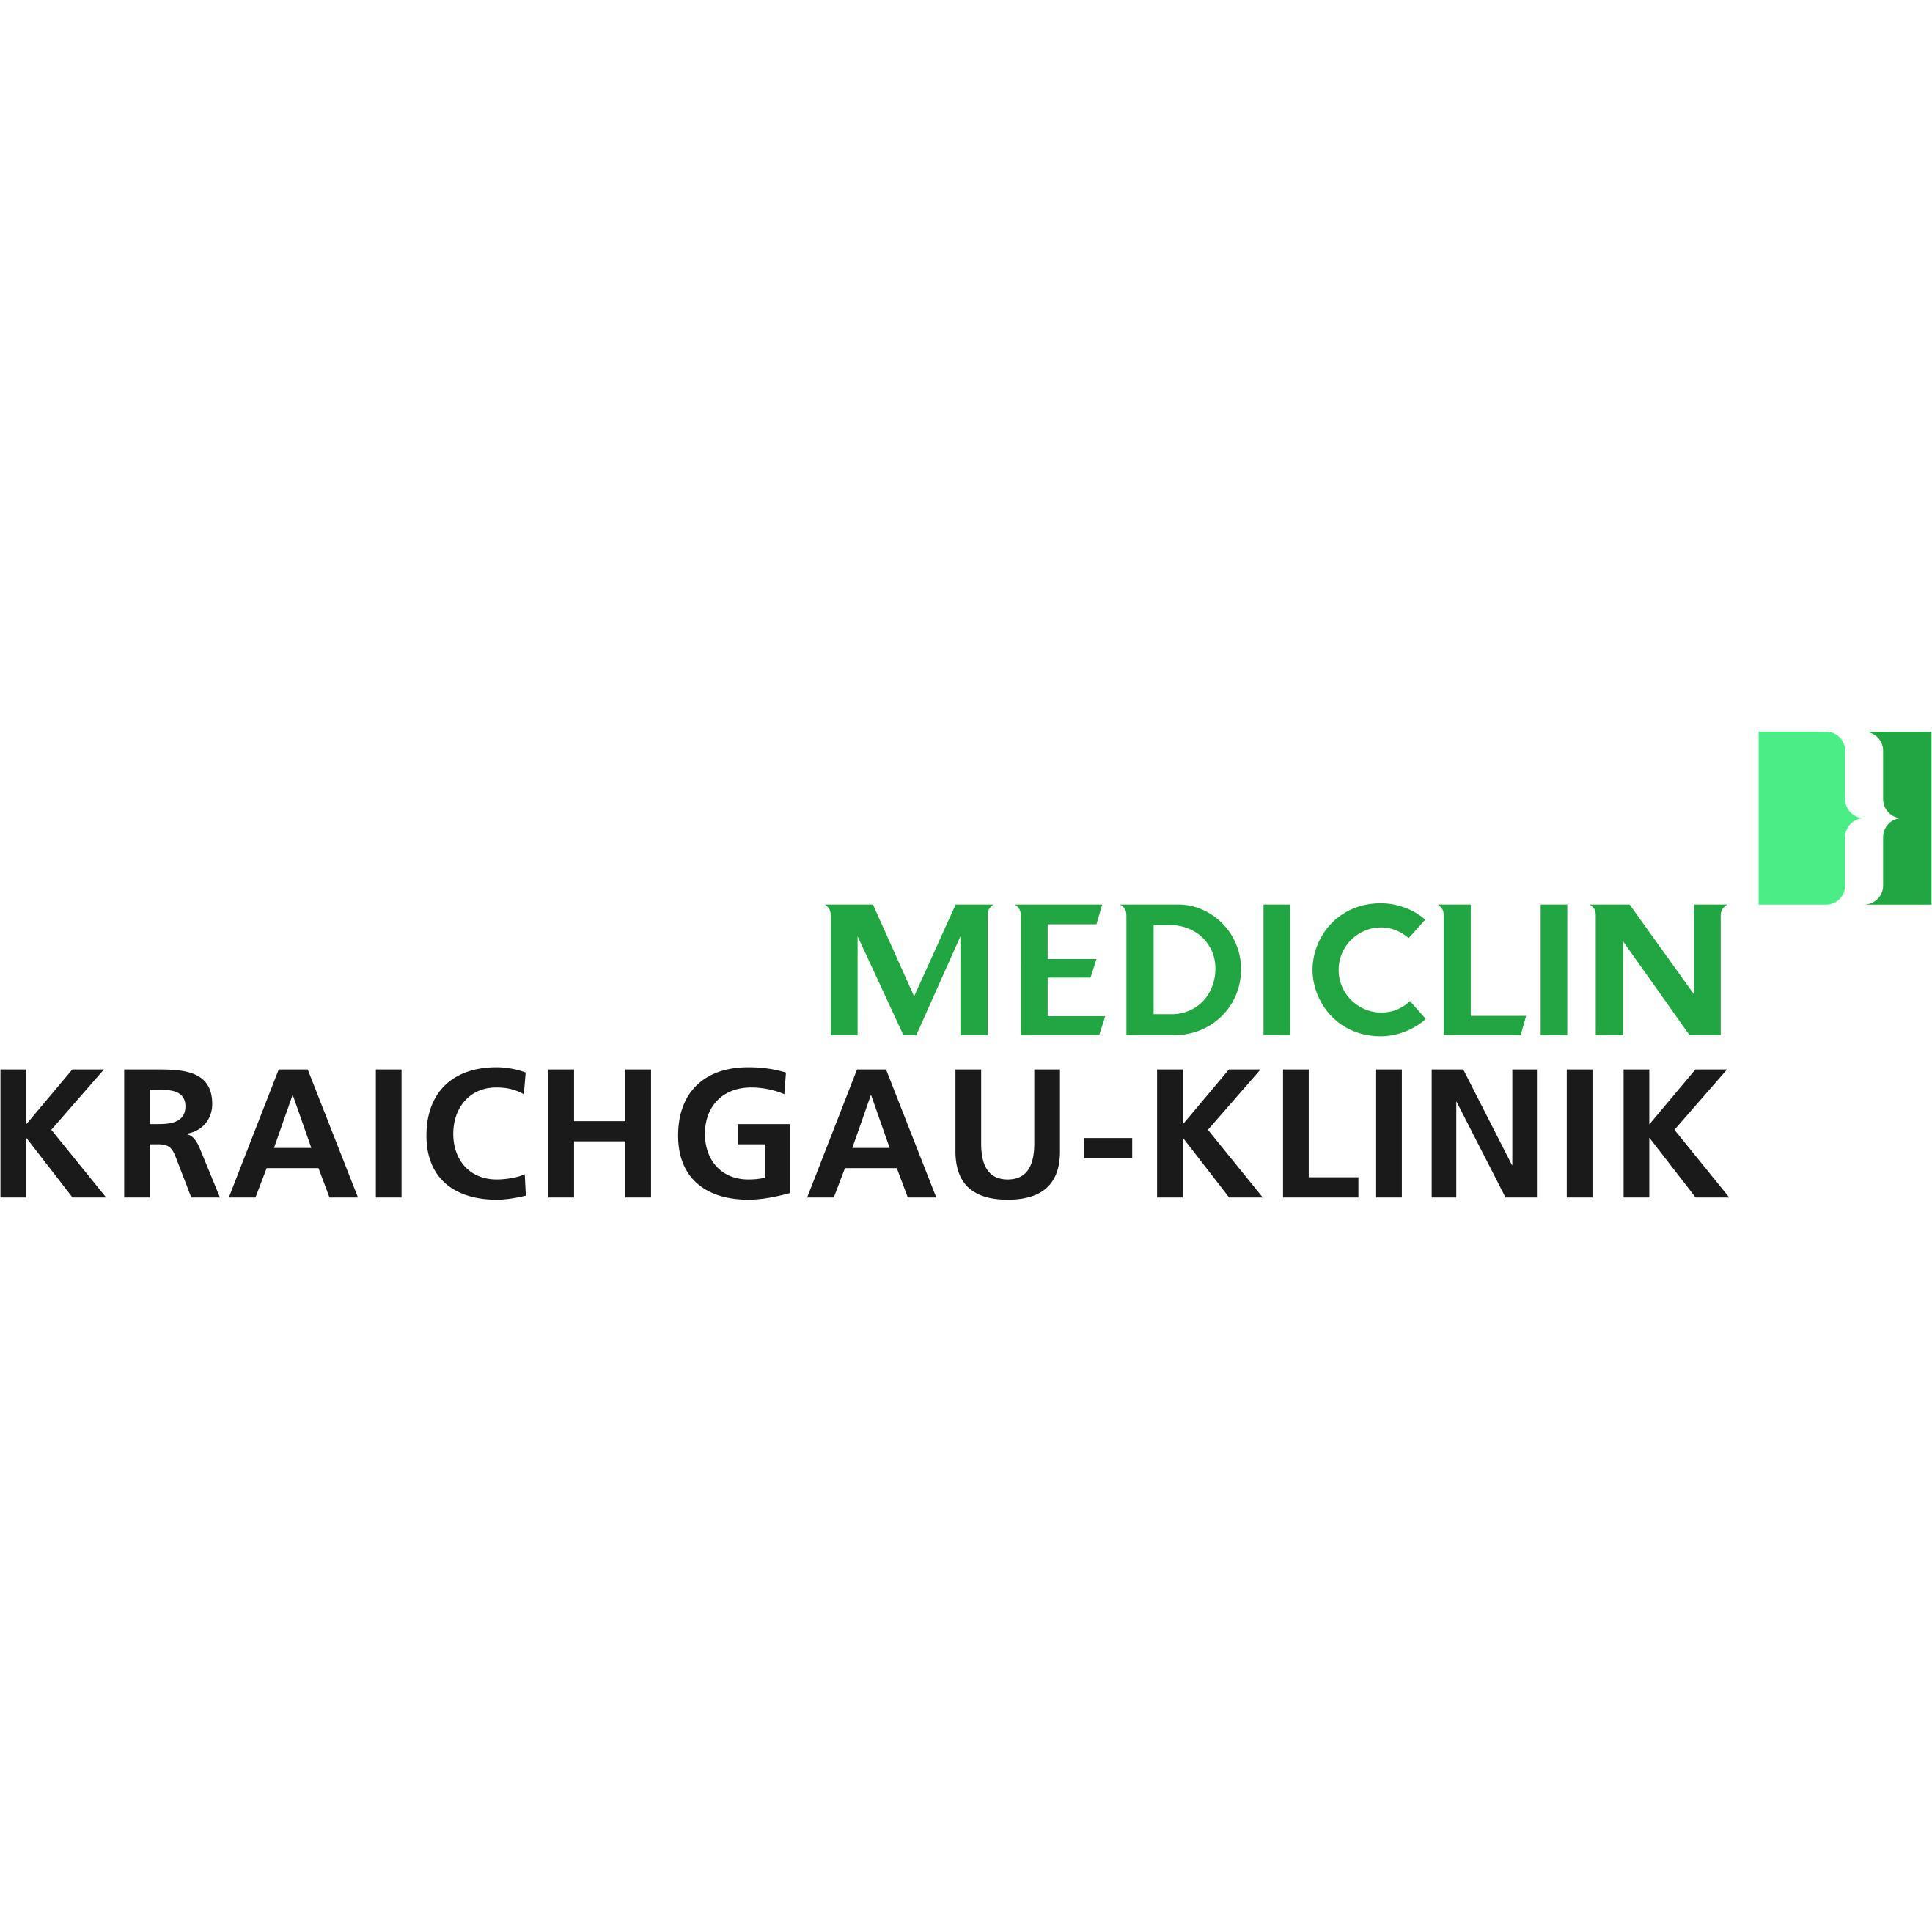 Bild zu MEDICLIN Kraichgau-Klinik in Bad Rappenau